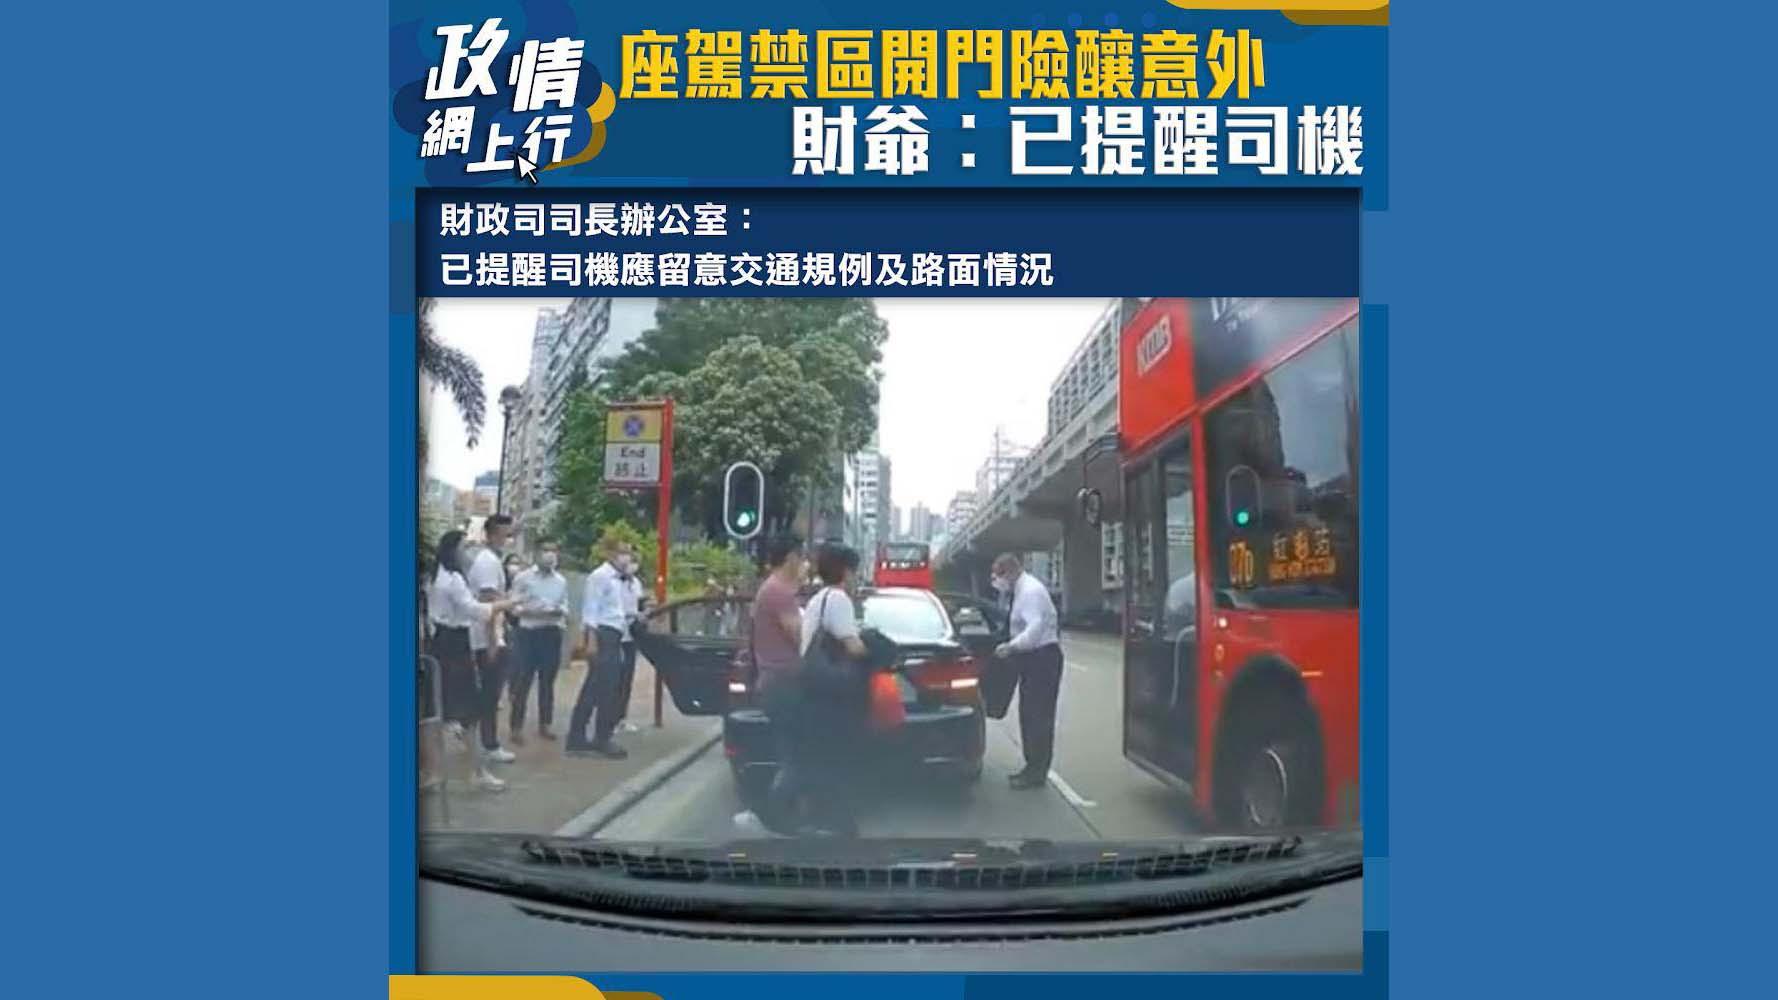 【政情網上行】座駕禁區開門險釀意外 財爺:已提醒司機